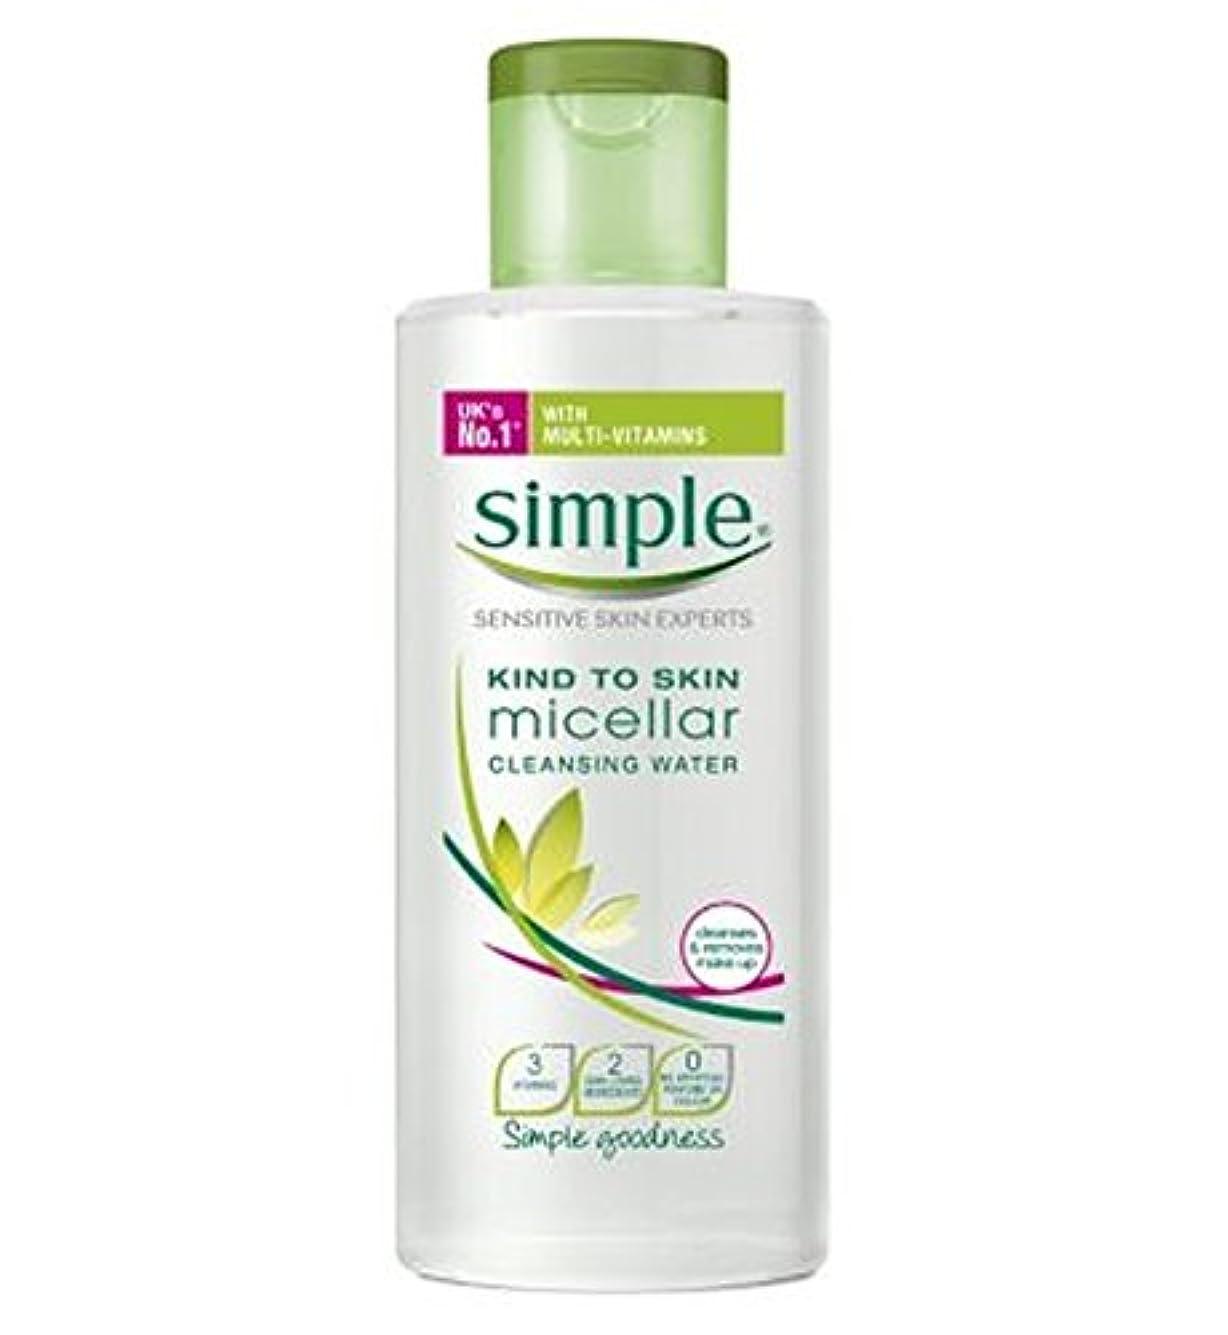 光対話マットレス皮膚ミセル洗浄水200ミリリットルに簡単な種類 (Simple) (x2) - Simple Kind To Skin Micellar Cleansing Water 200ml (Pack of 2) [並行輸入品]